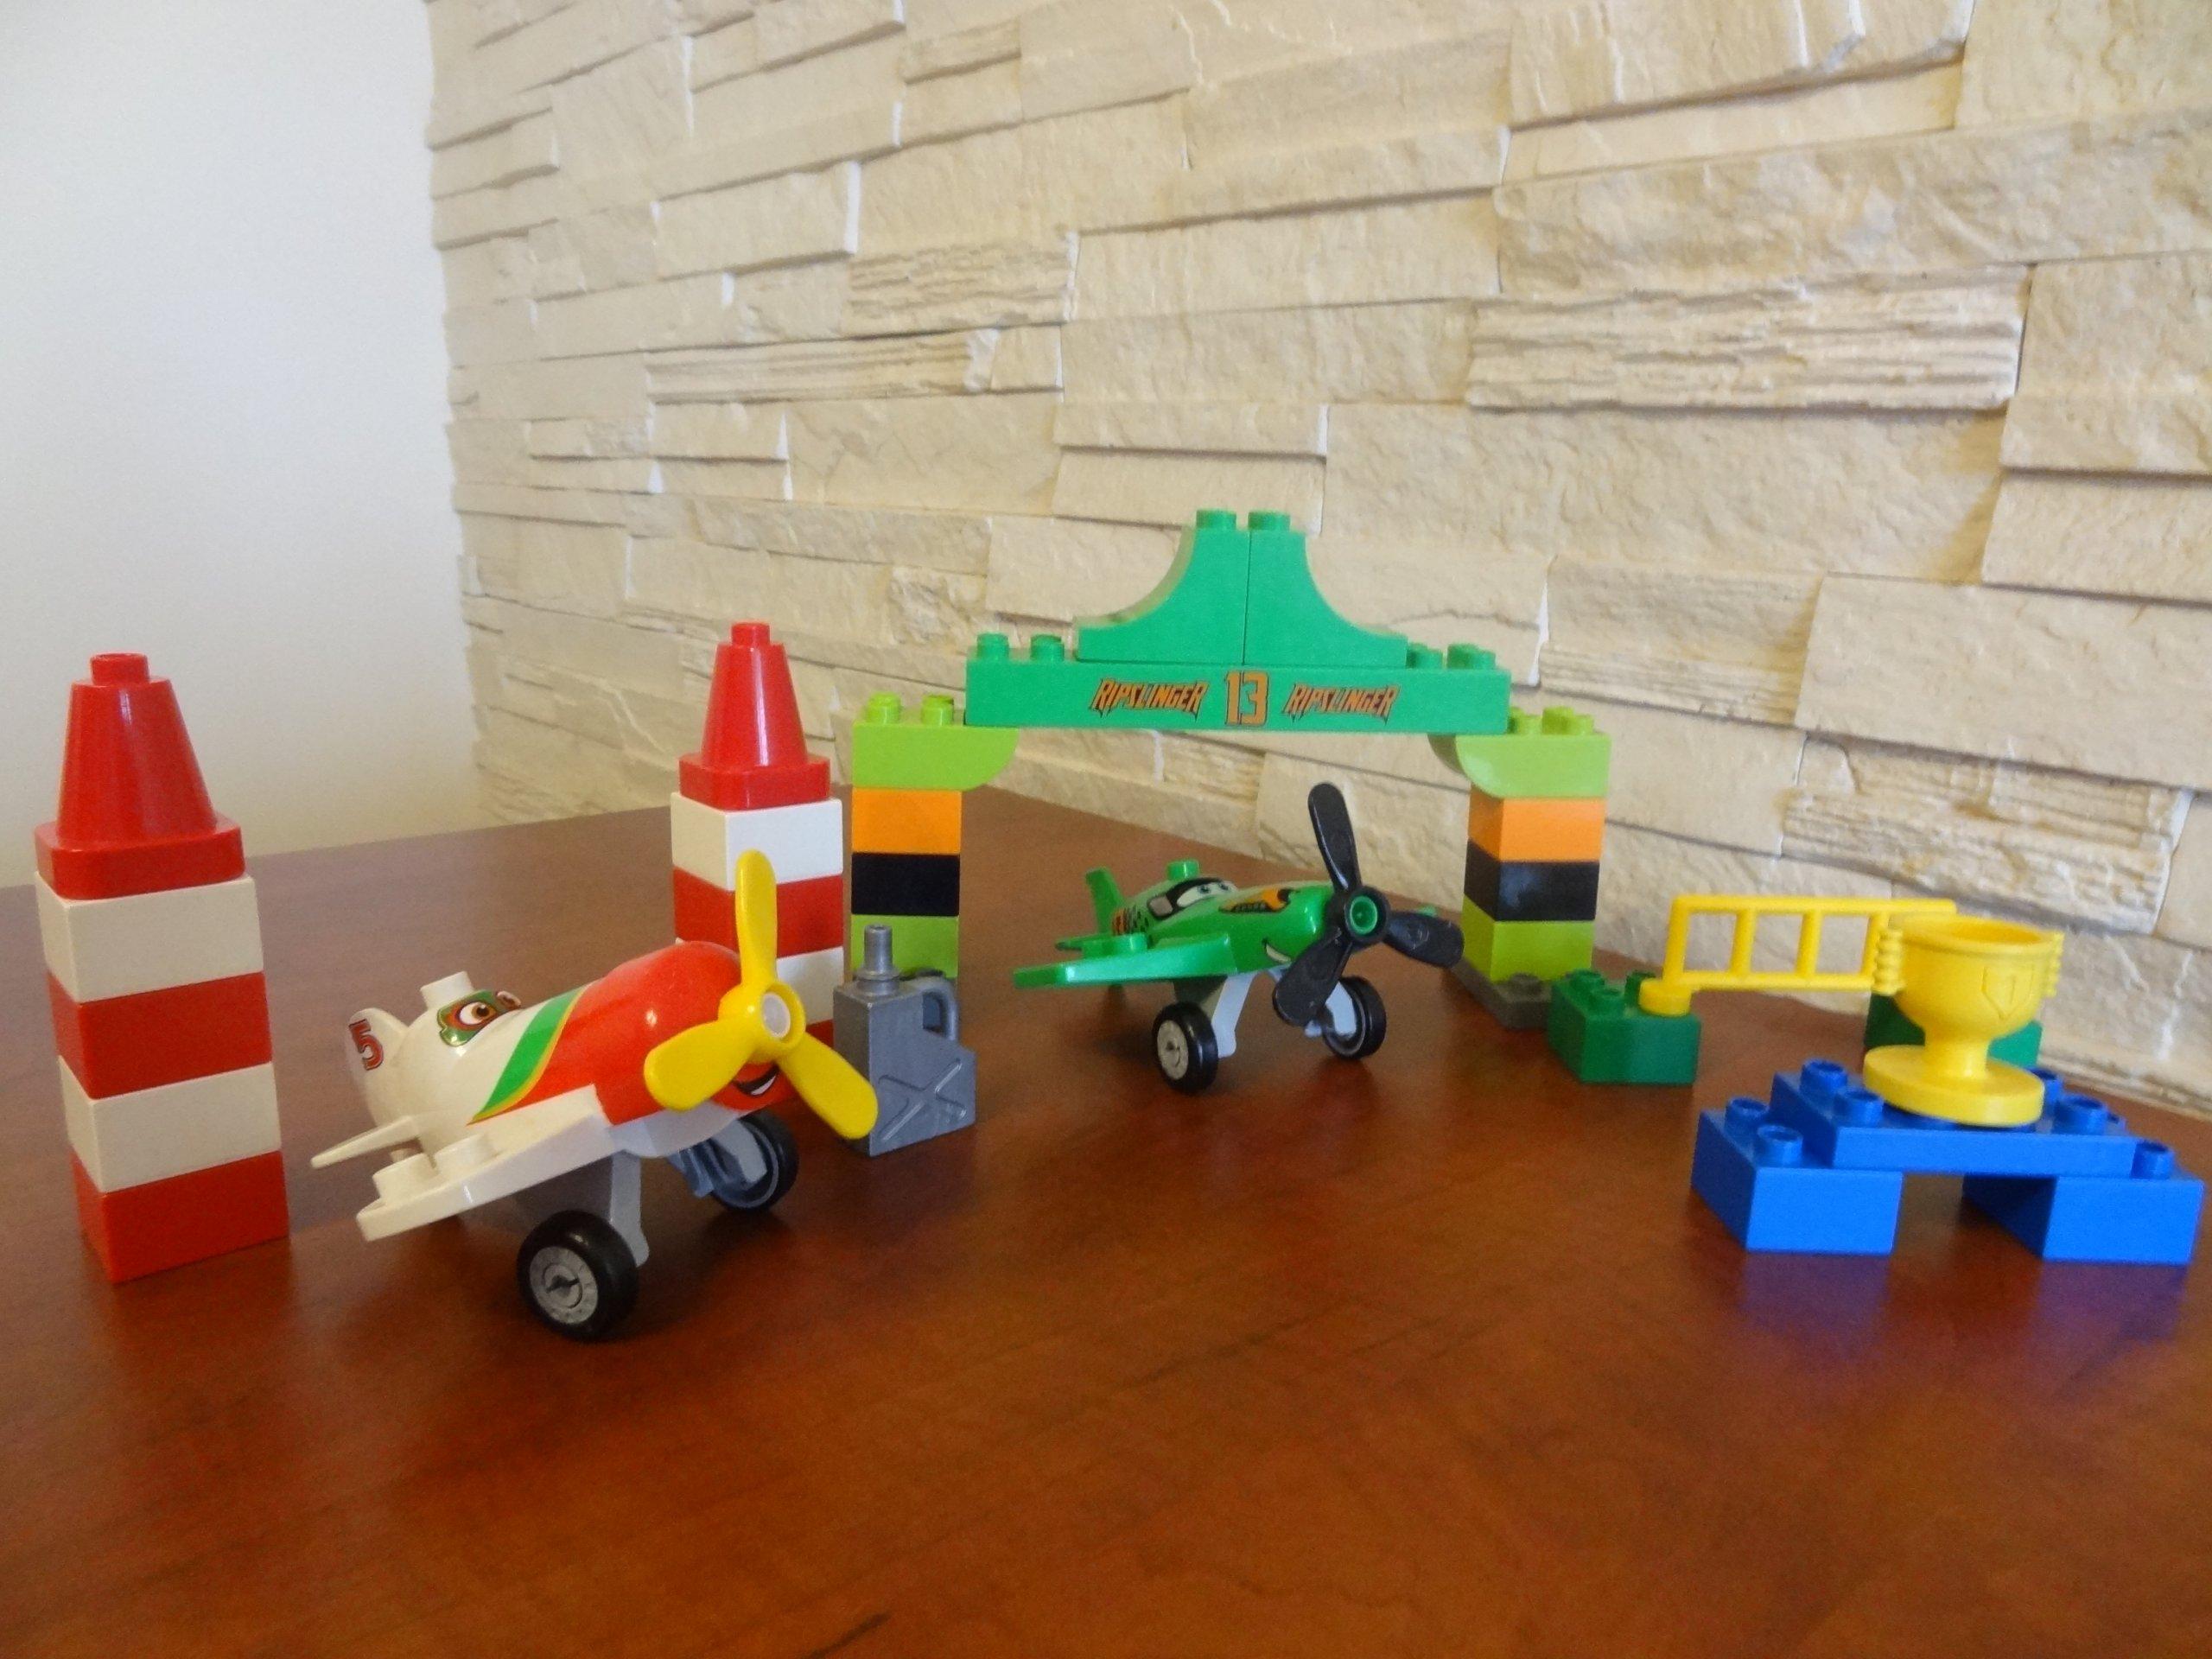 Zestaw Klocki Lego Duplo Planes Samoloty 7191361535 Oficjalne